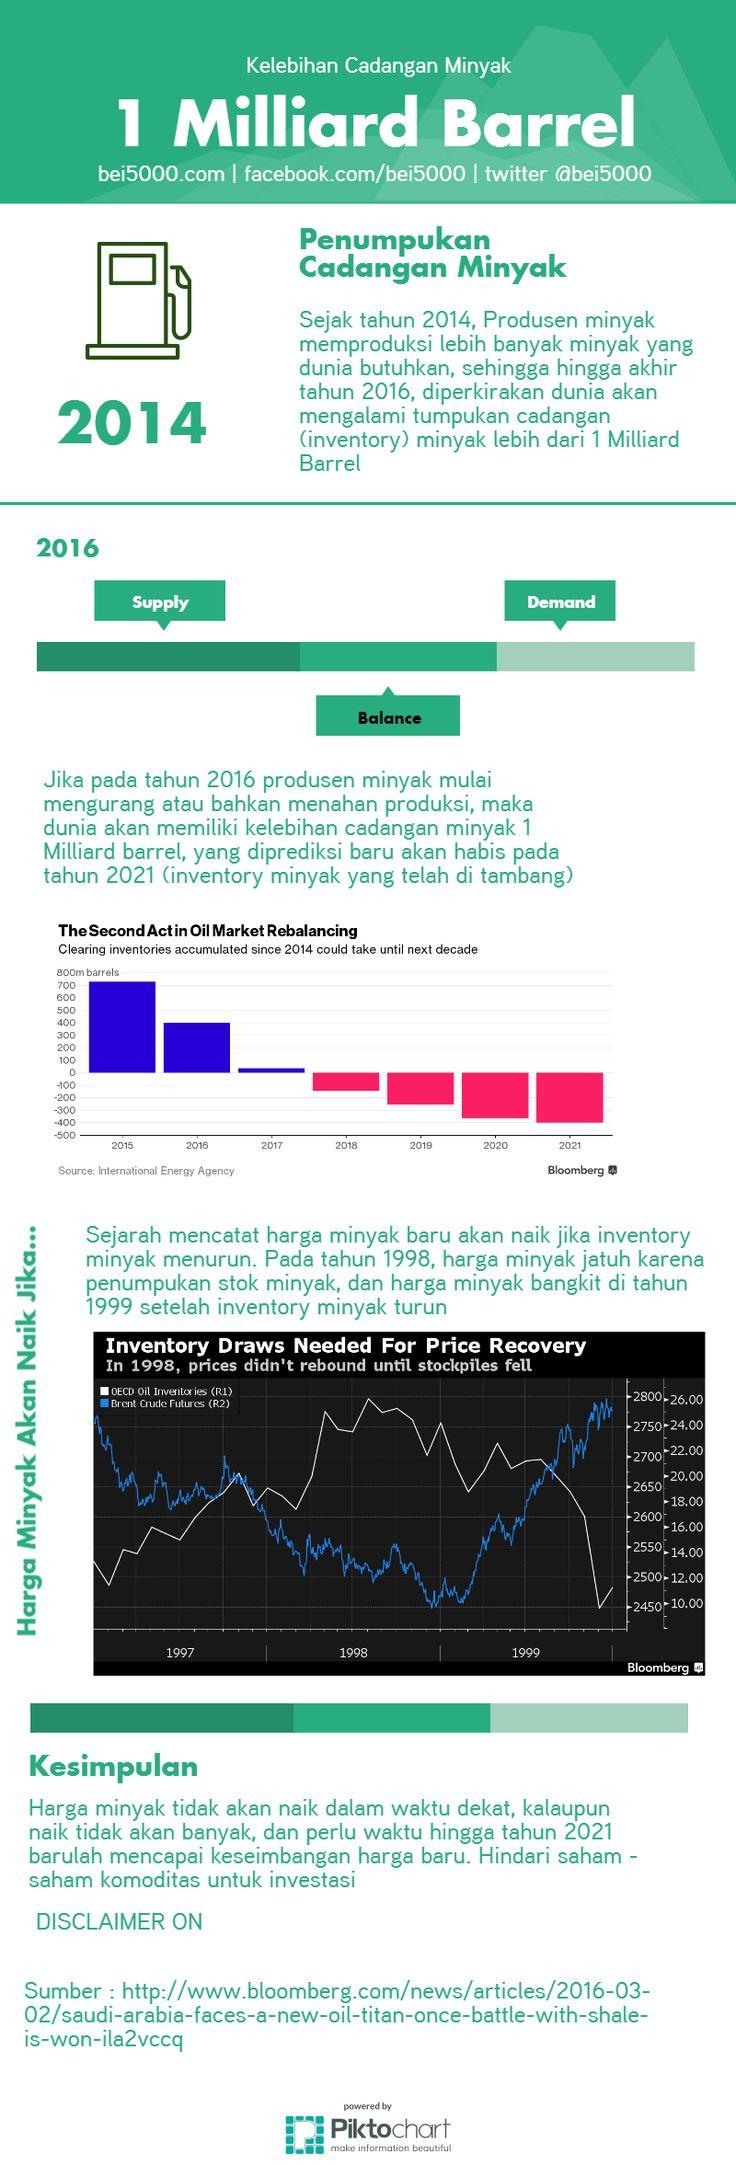 Saat ini Dunia kelebihan canangan minyak 1 milliard barrel , sehingga baru tahun 2021 hargaminyak baru bisa naik dengan stabil, baca infografisnya di  http://bei5000.com/master/2016/03/02/kelebihan-cadangan-minyak-baru-bisa-naik-stabil-tahun-2021/